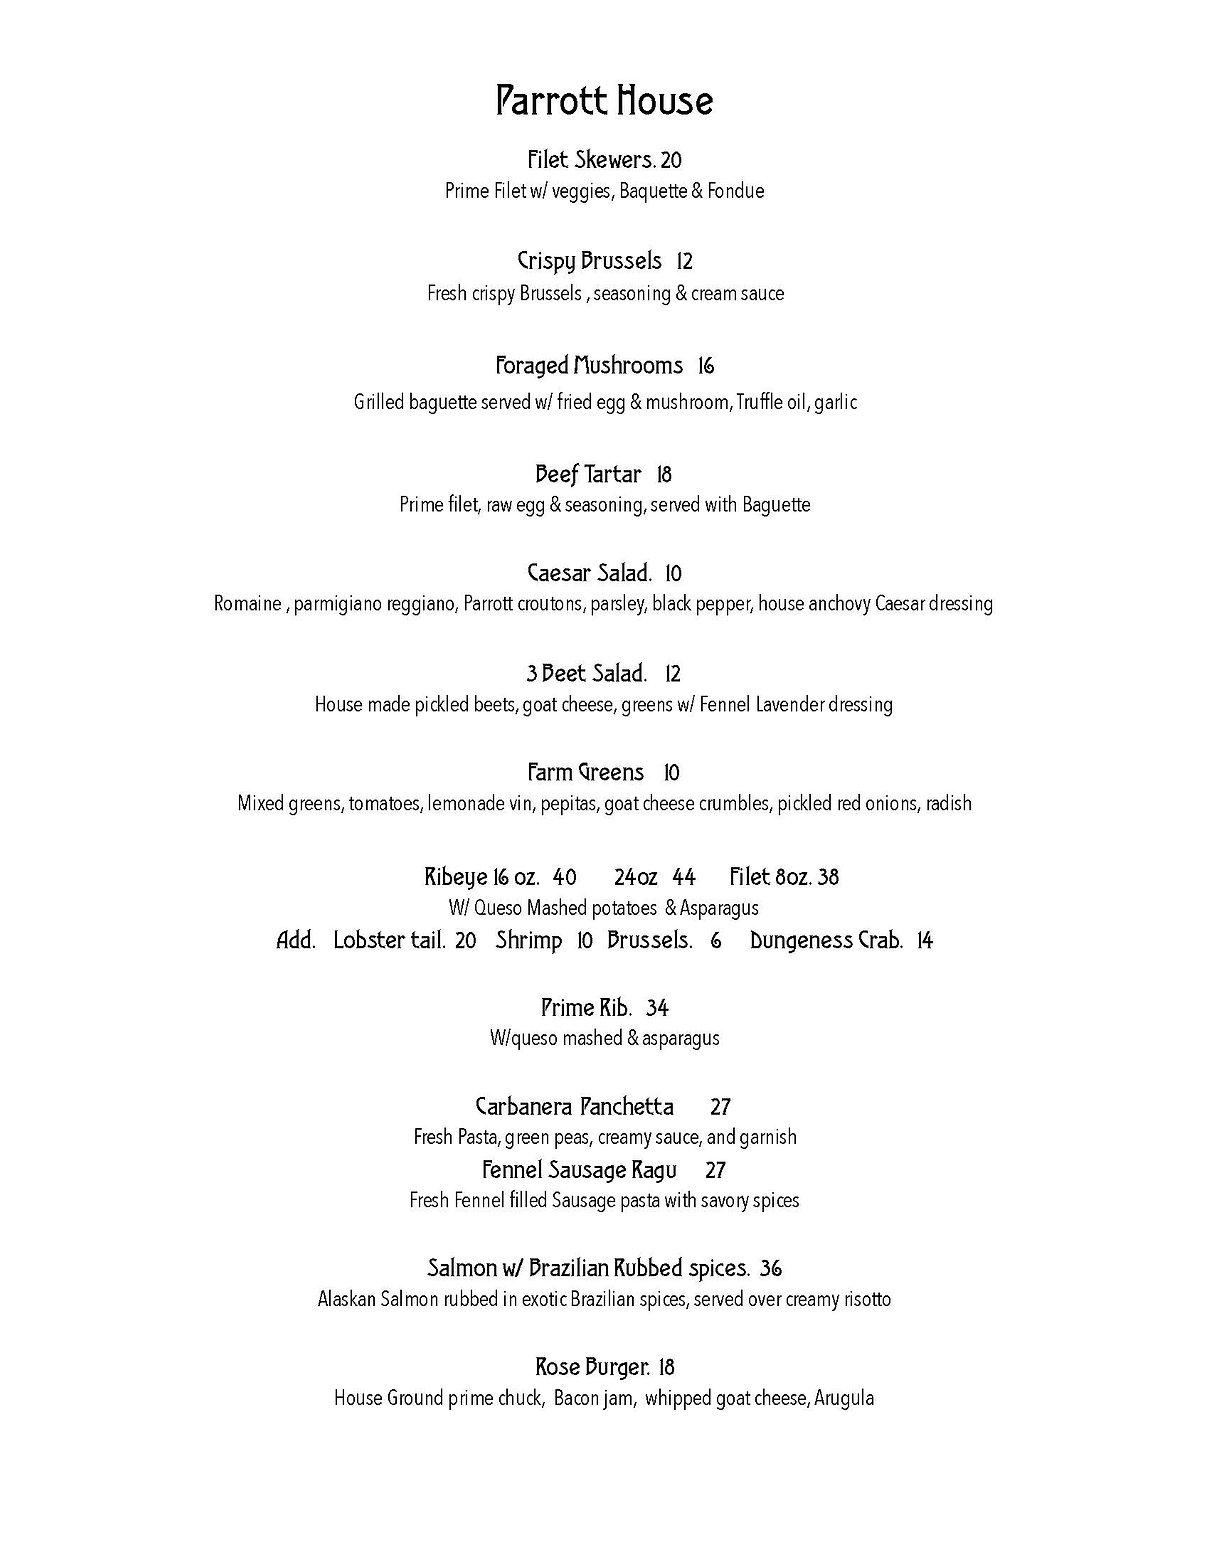 Dinner Menu_Page_1.jpg